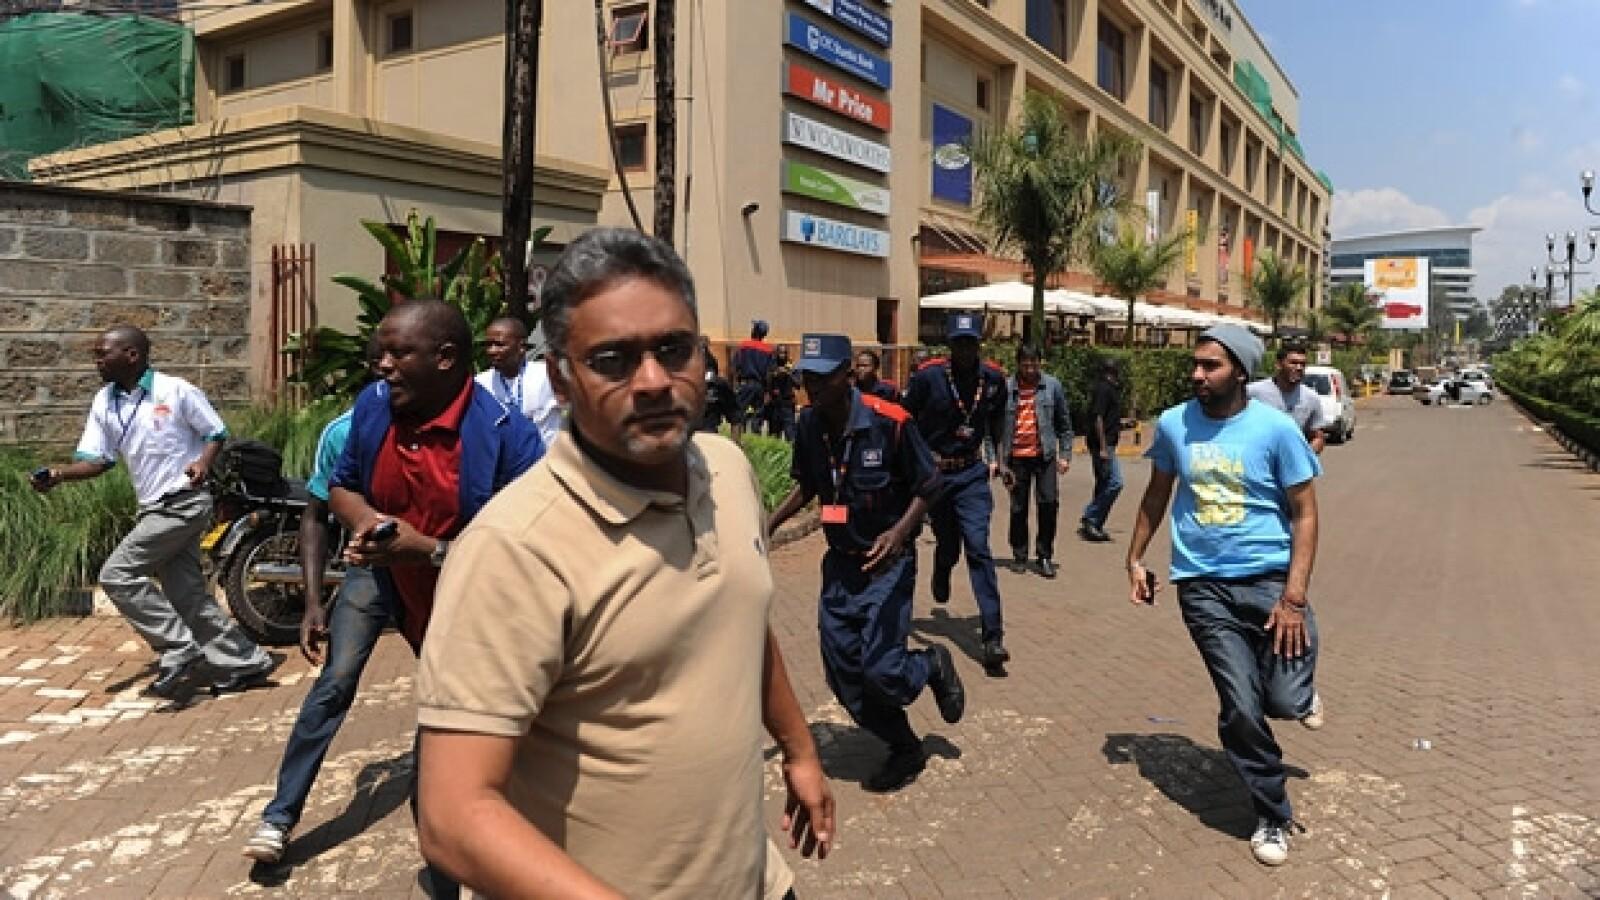 hombres corren lejos del centro comercial